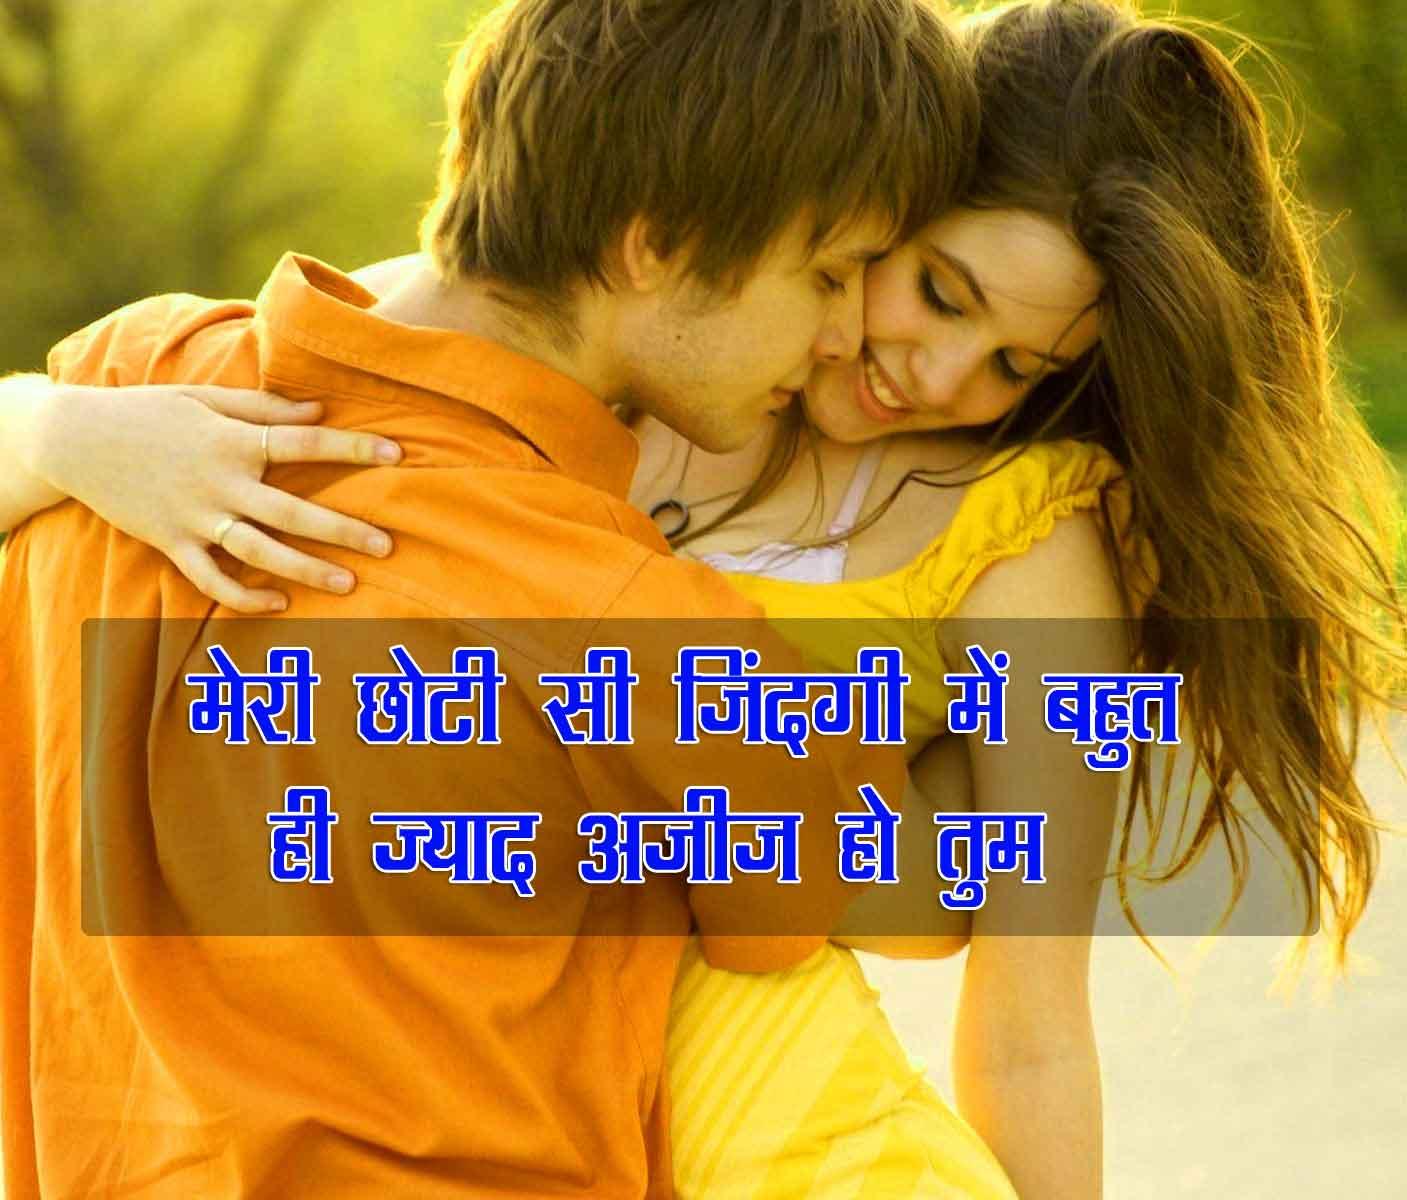 Love Shayari Images HD 2021 15